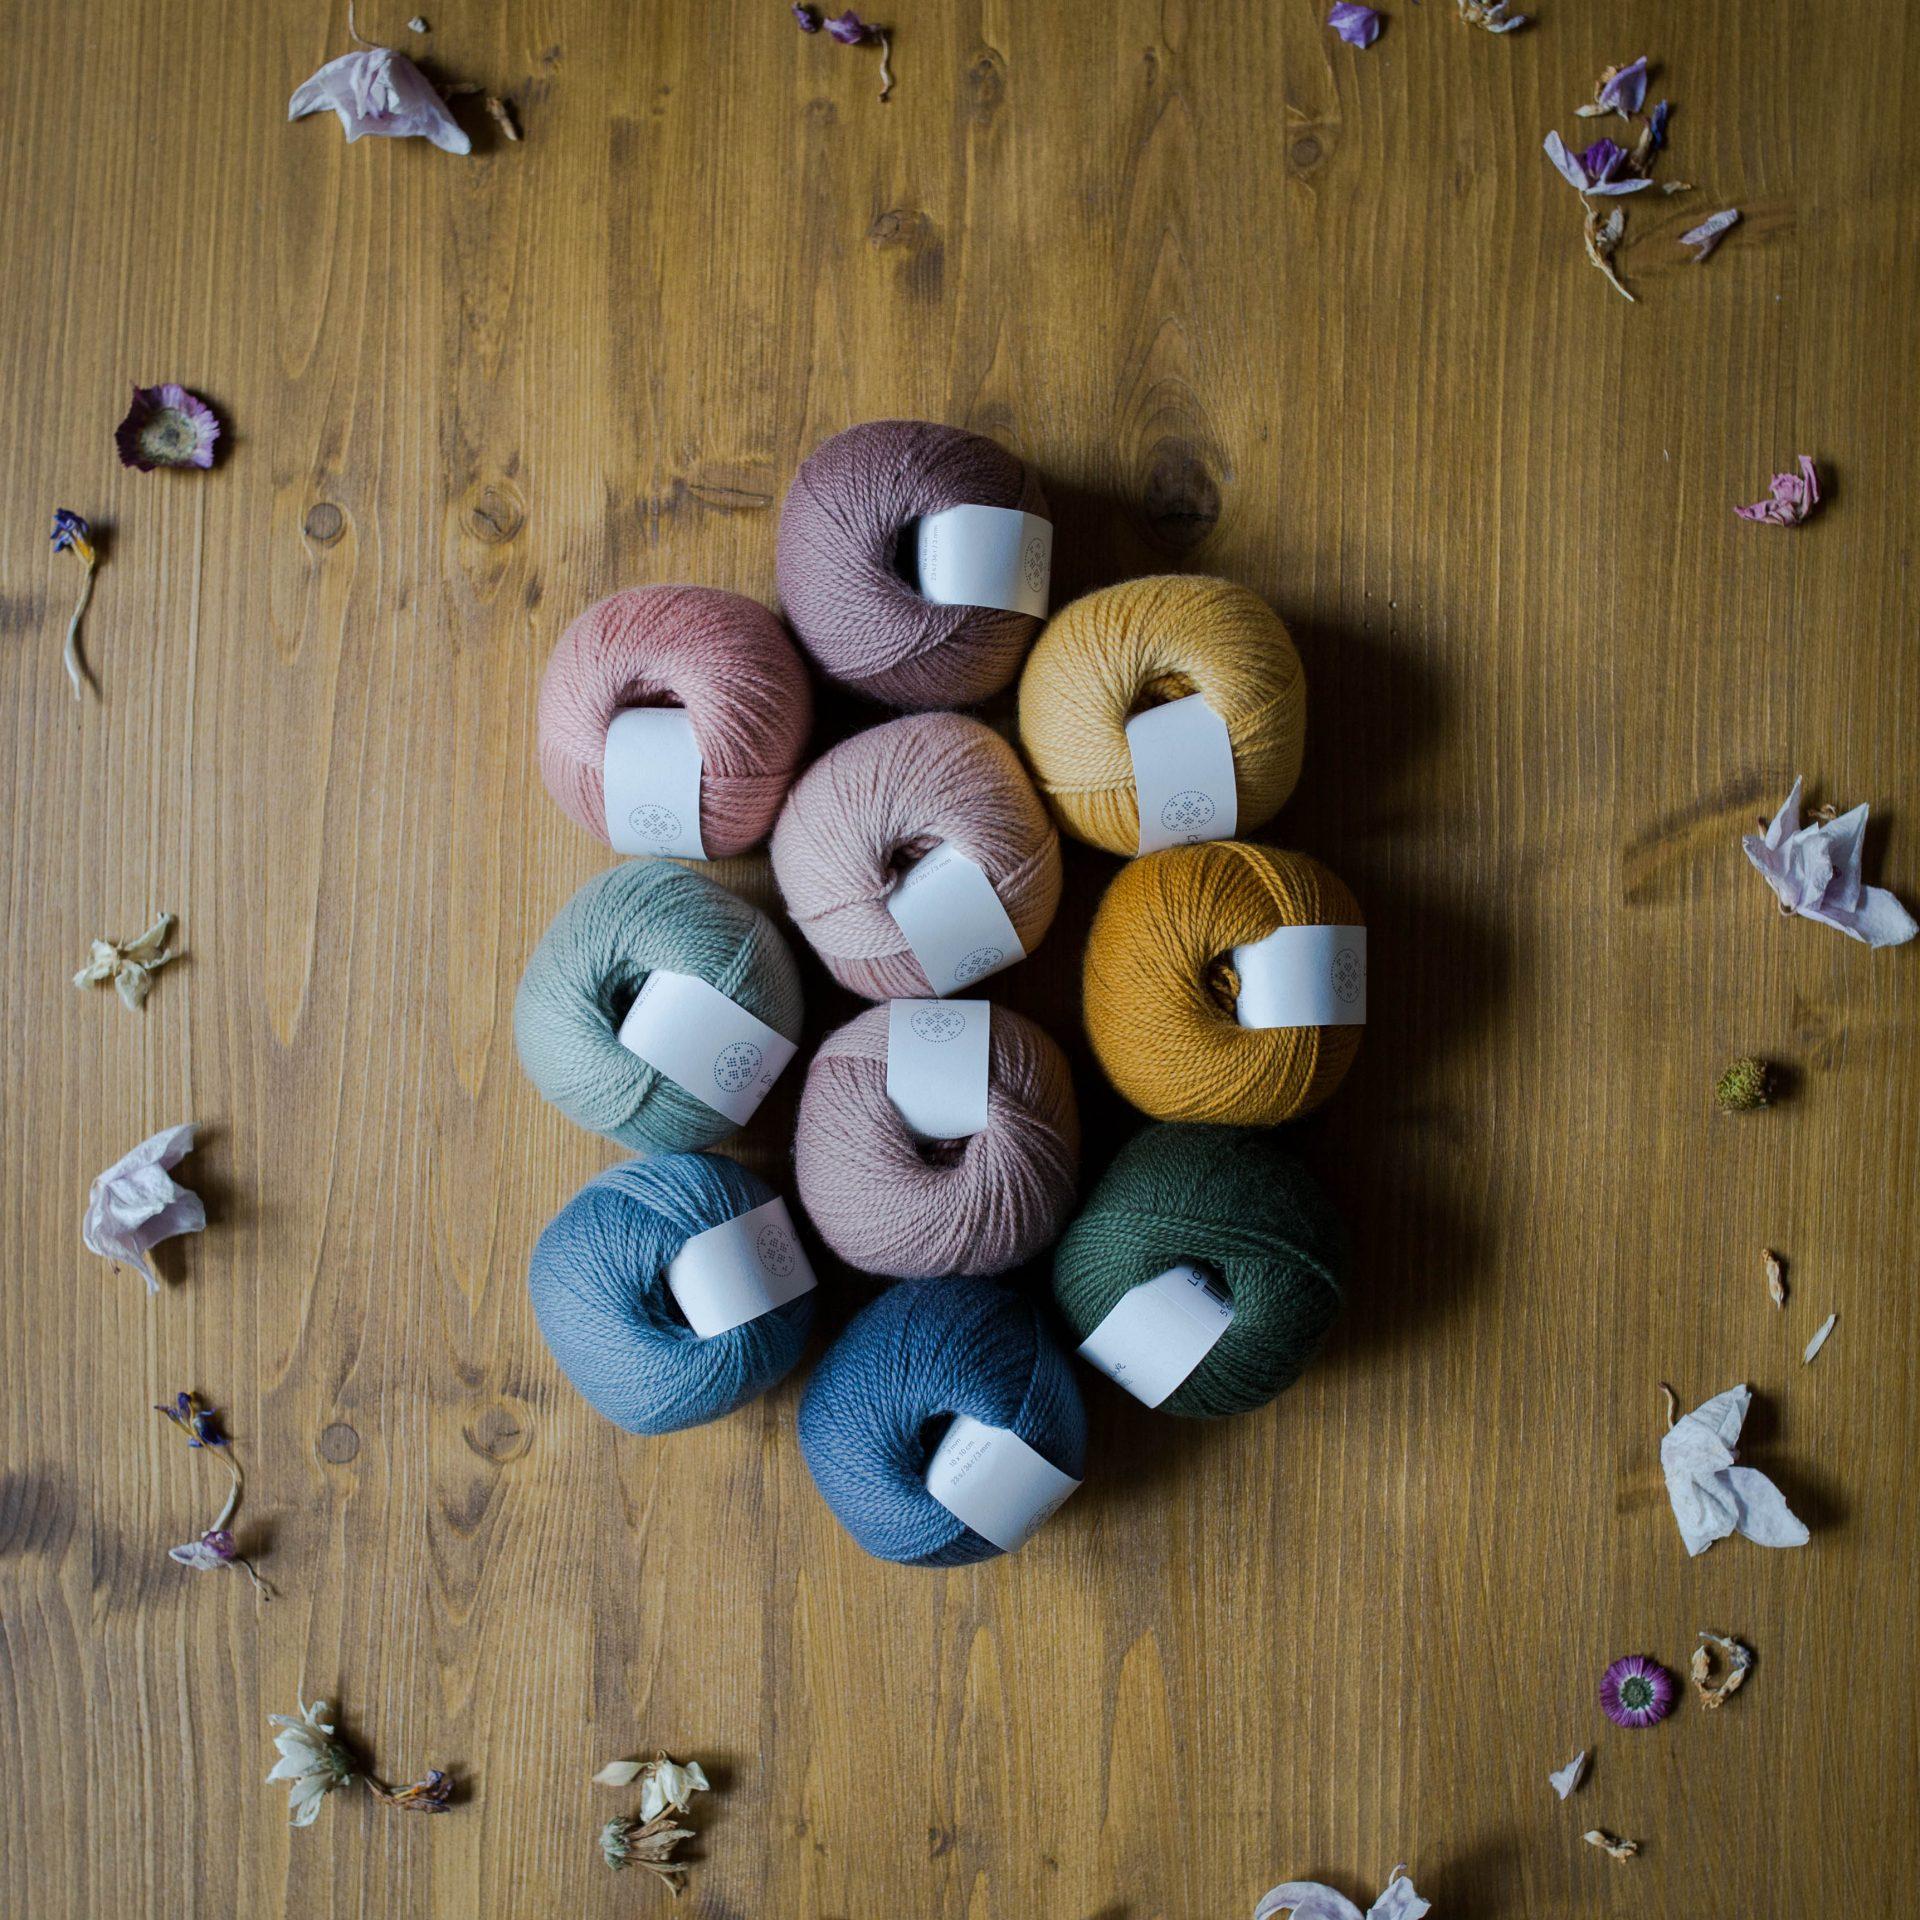 Wool 1 (Neu) - Krea Deluxe in der Farbe W 43 Aubergine